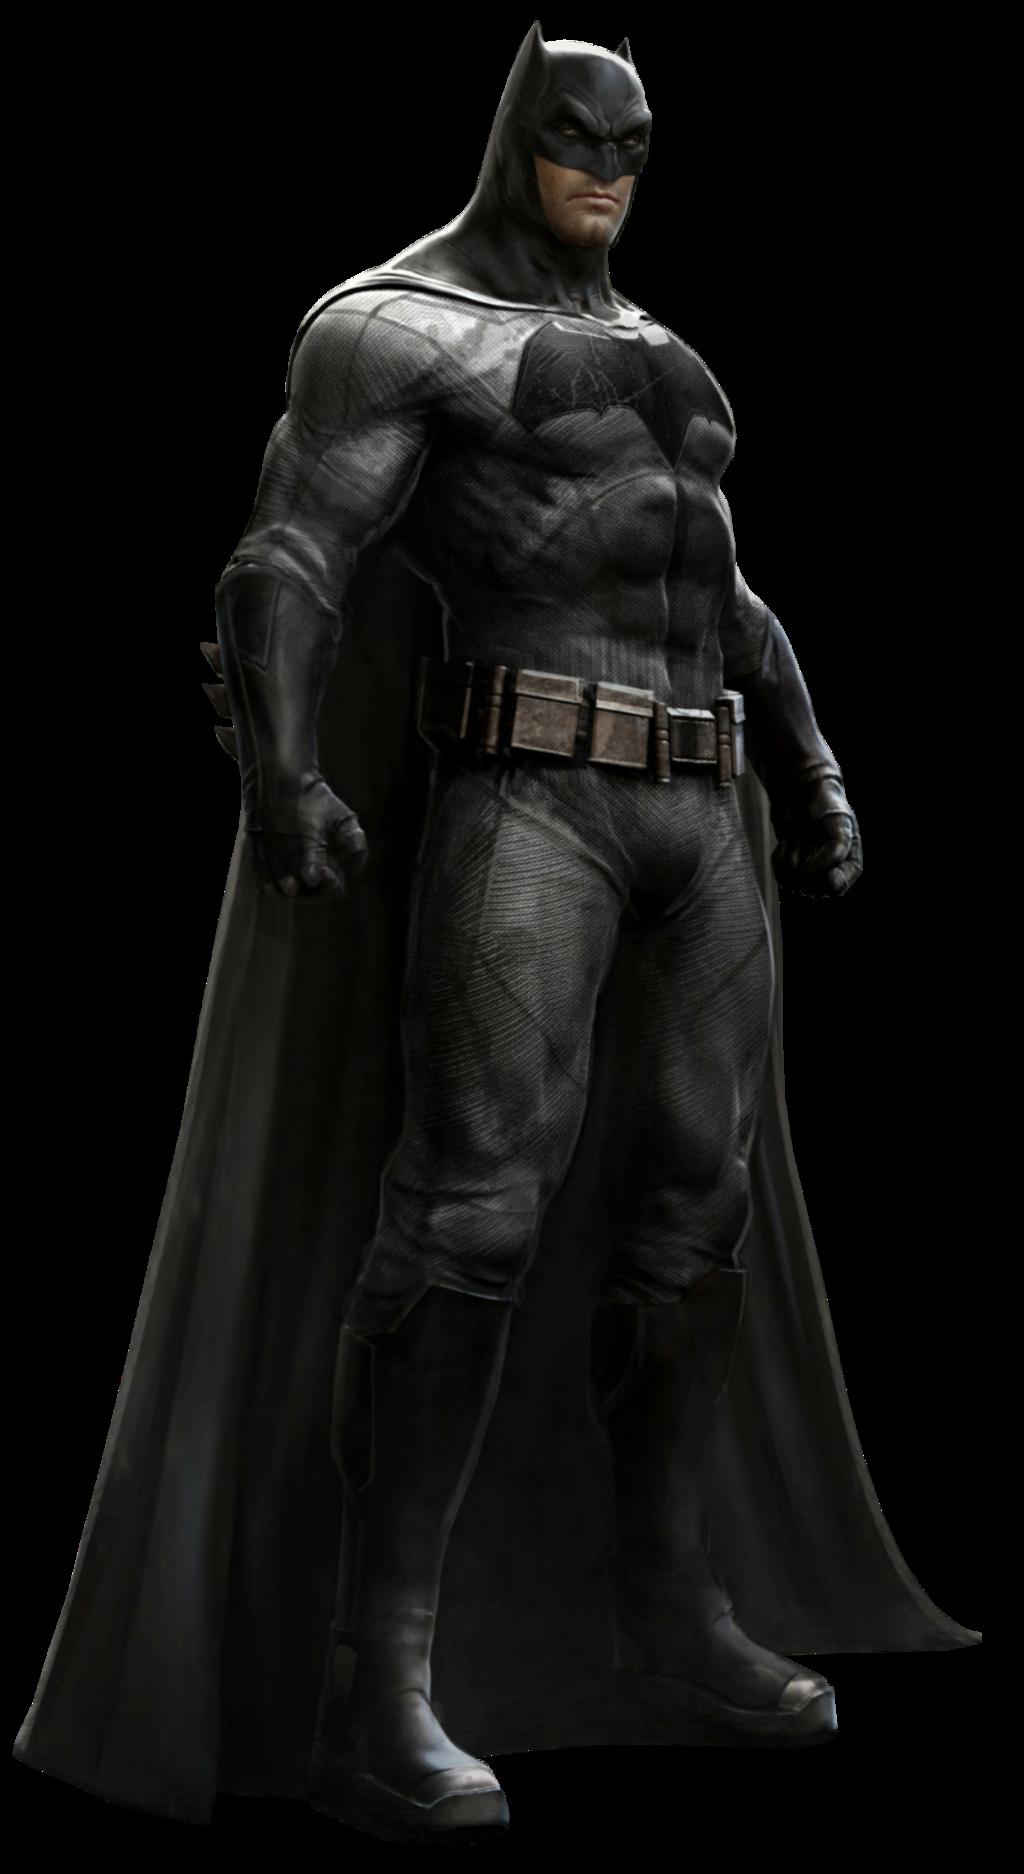 batman_PNG84.png